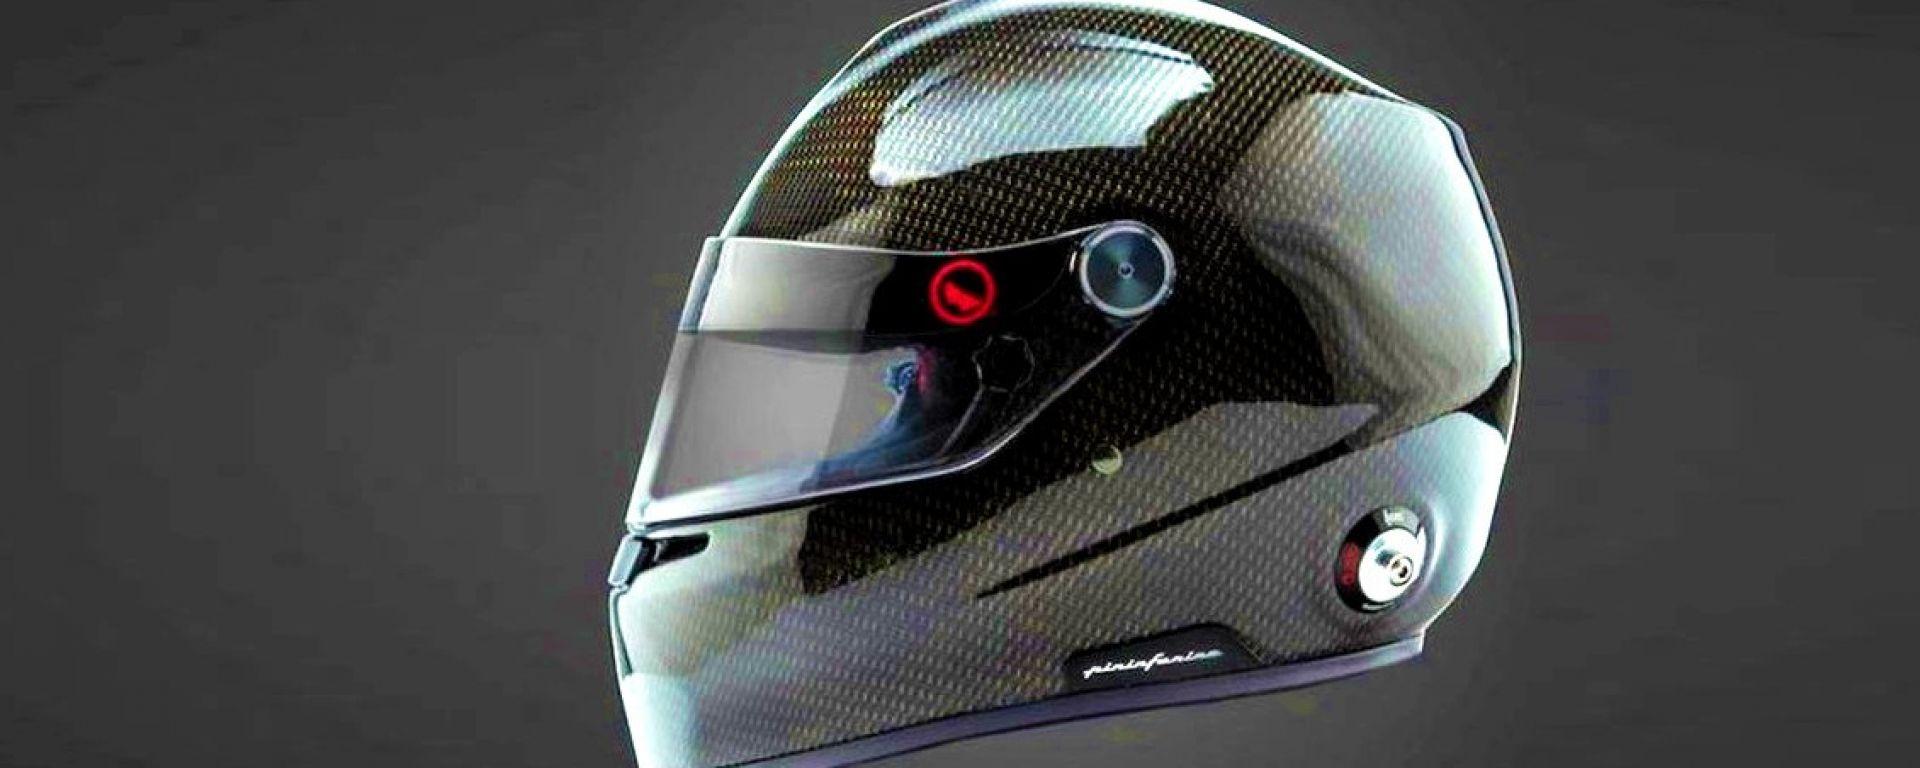 Il nuovo casco racing Roux - Pininfarina climatizzato